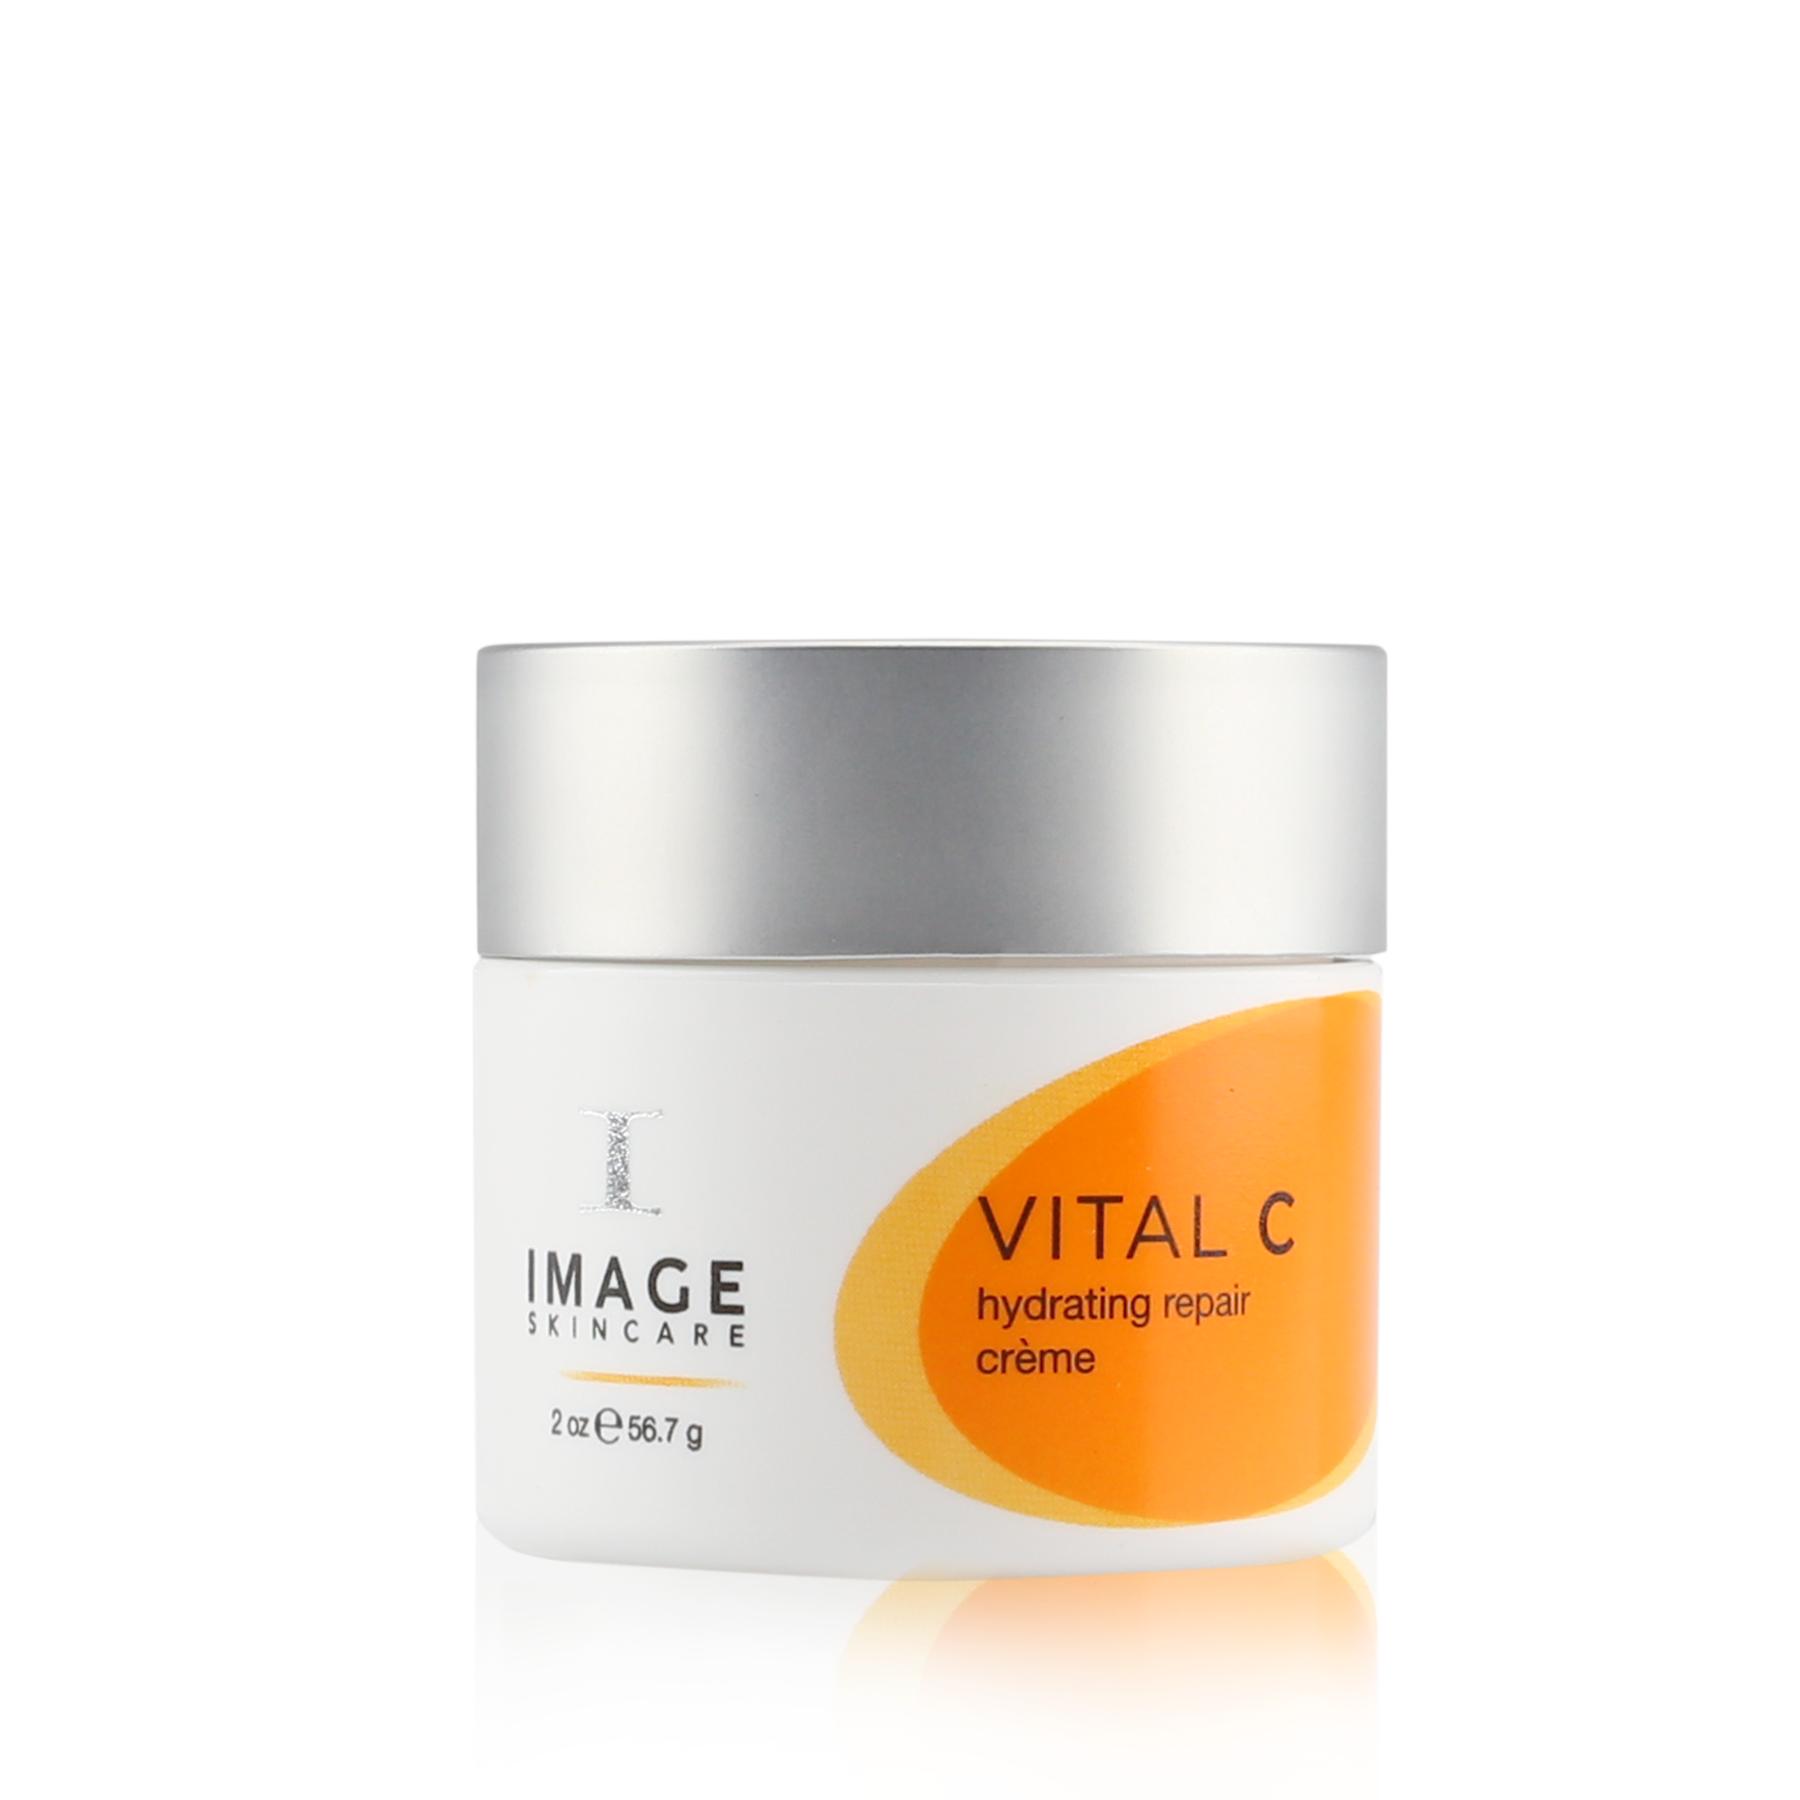 Image Skincare VITAL C Hydrating Repair Crème